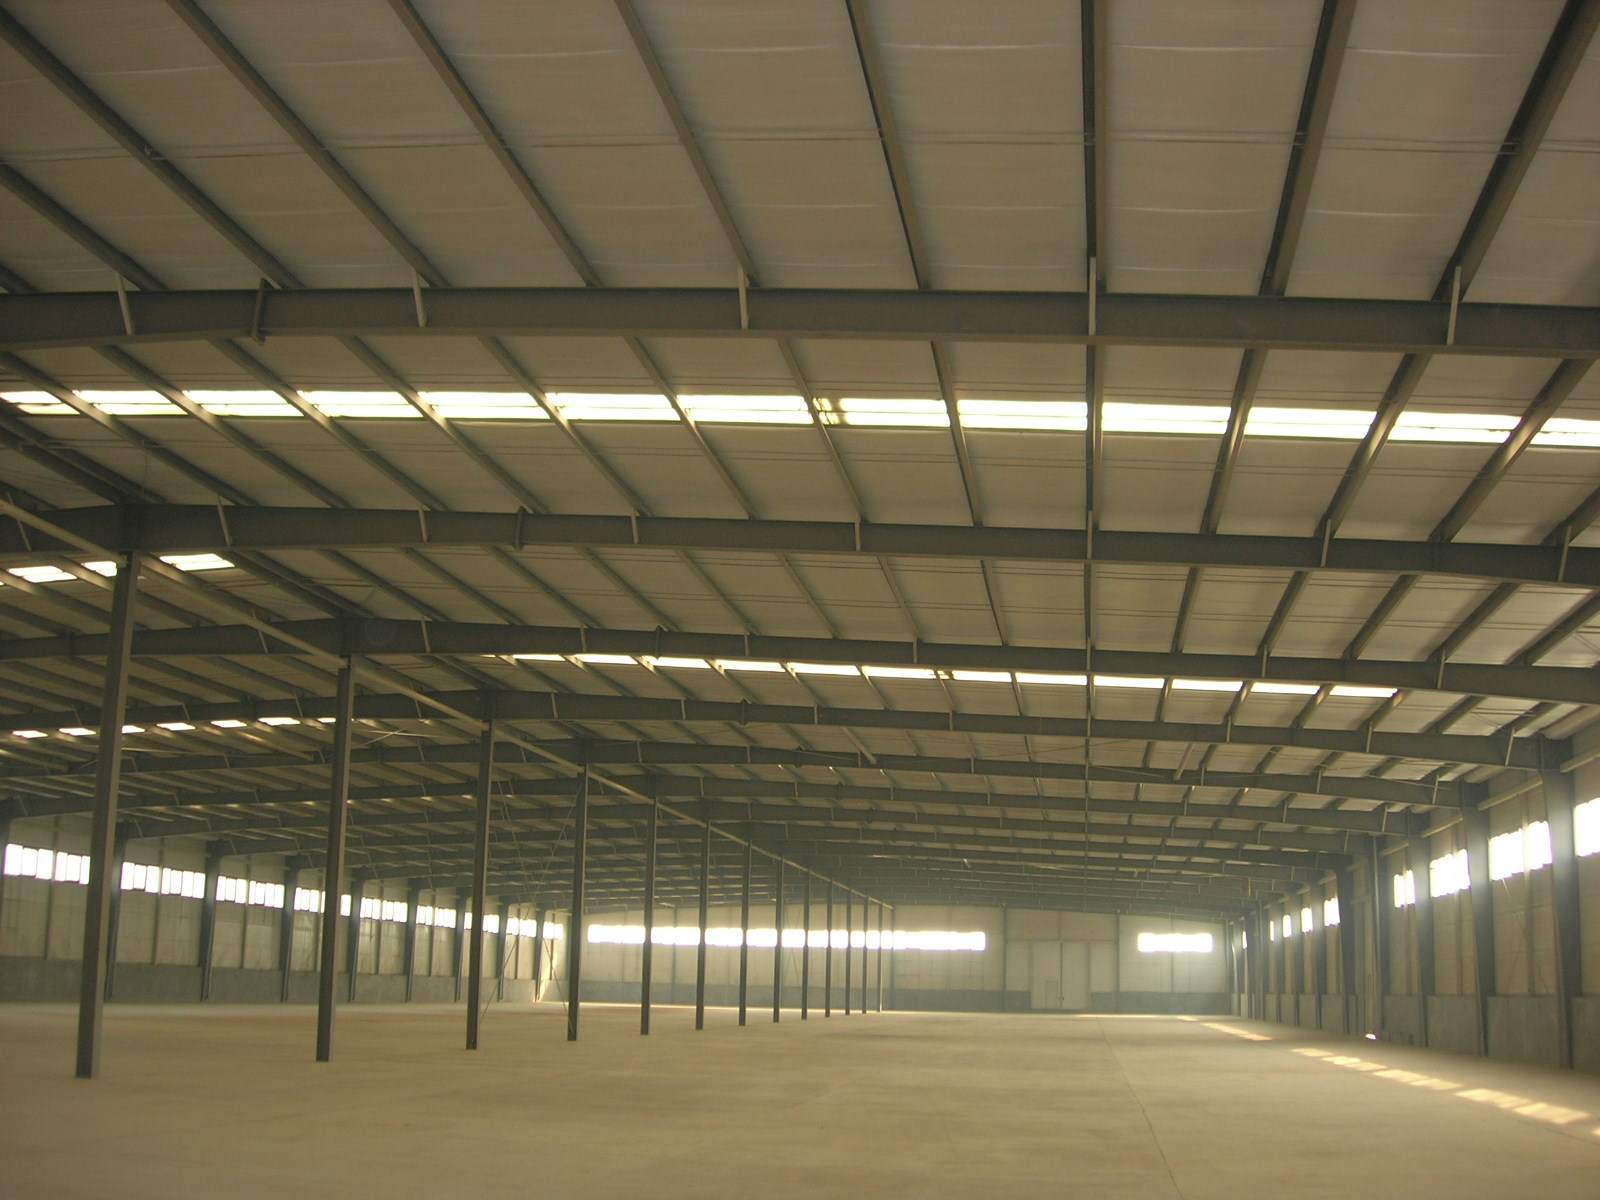 惠州钢结构仓库|惠州钢结构物流仓库